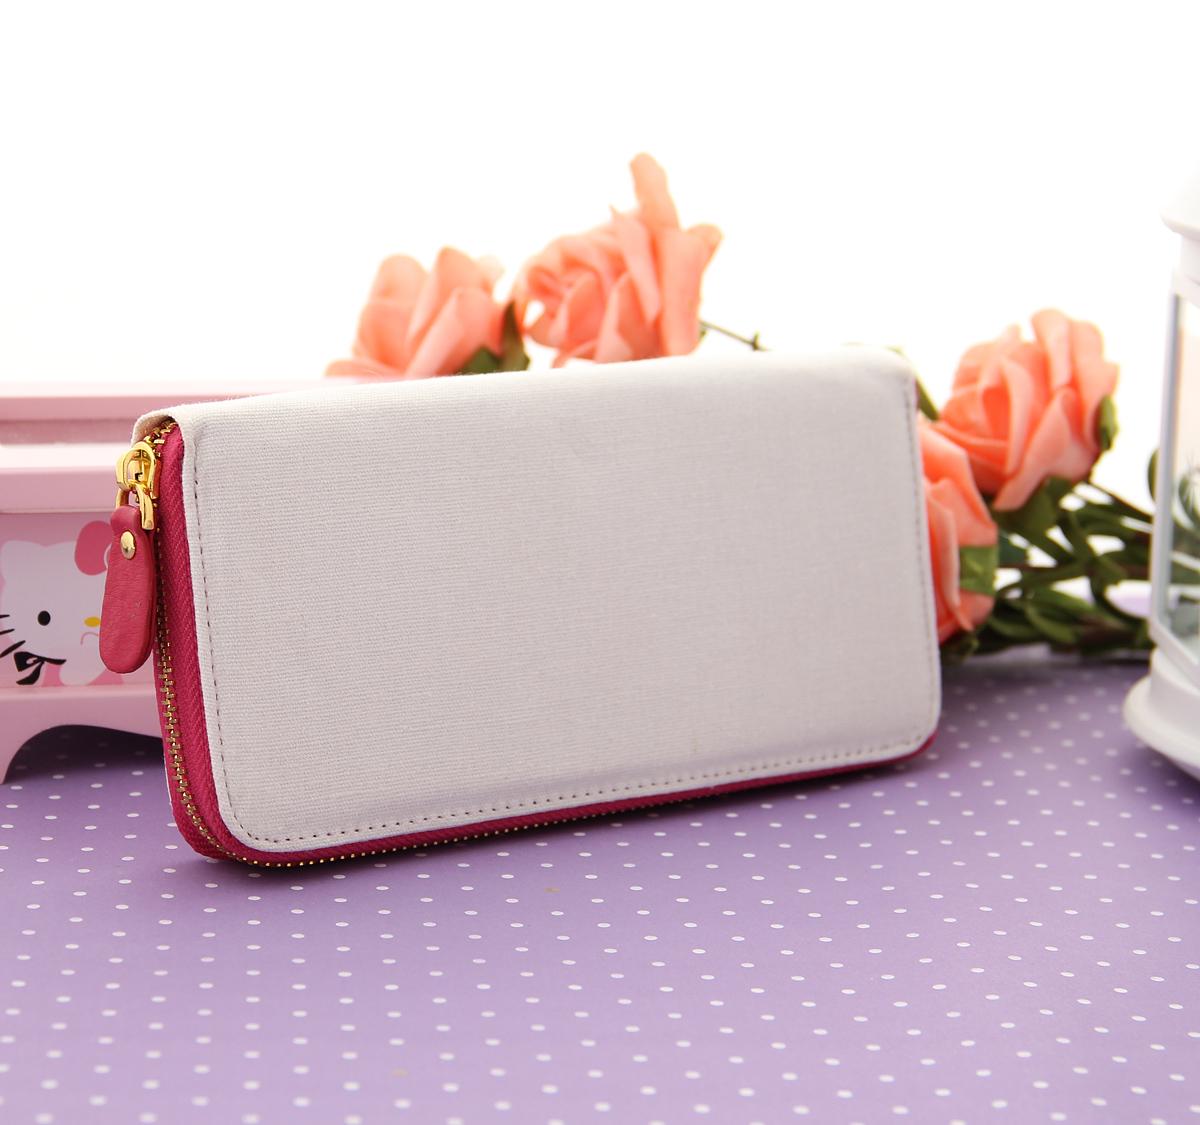 Бумажник Customize Длинный бумажник Девушки Искусственная кожа